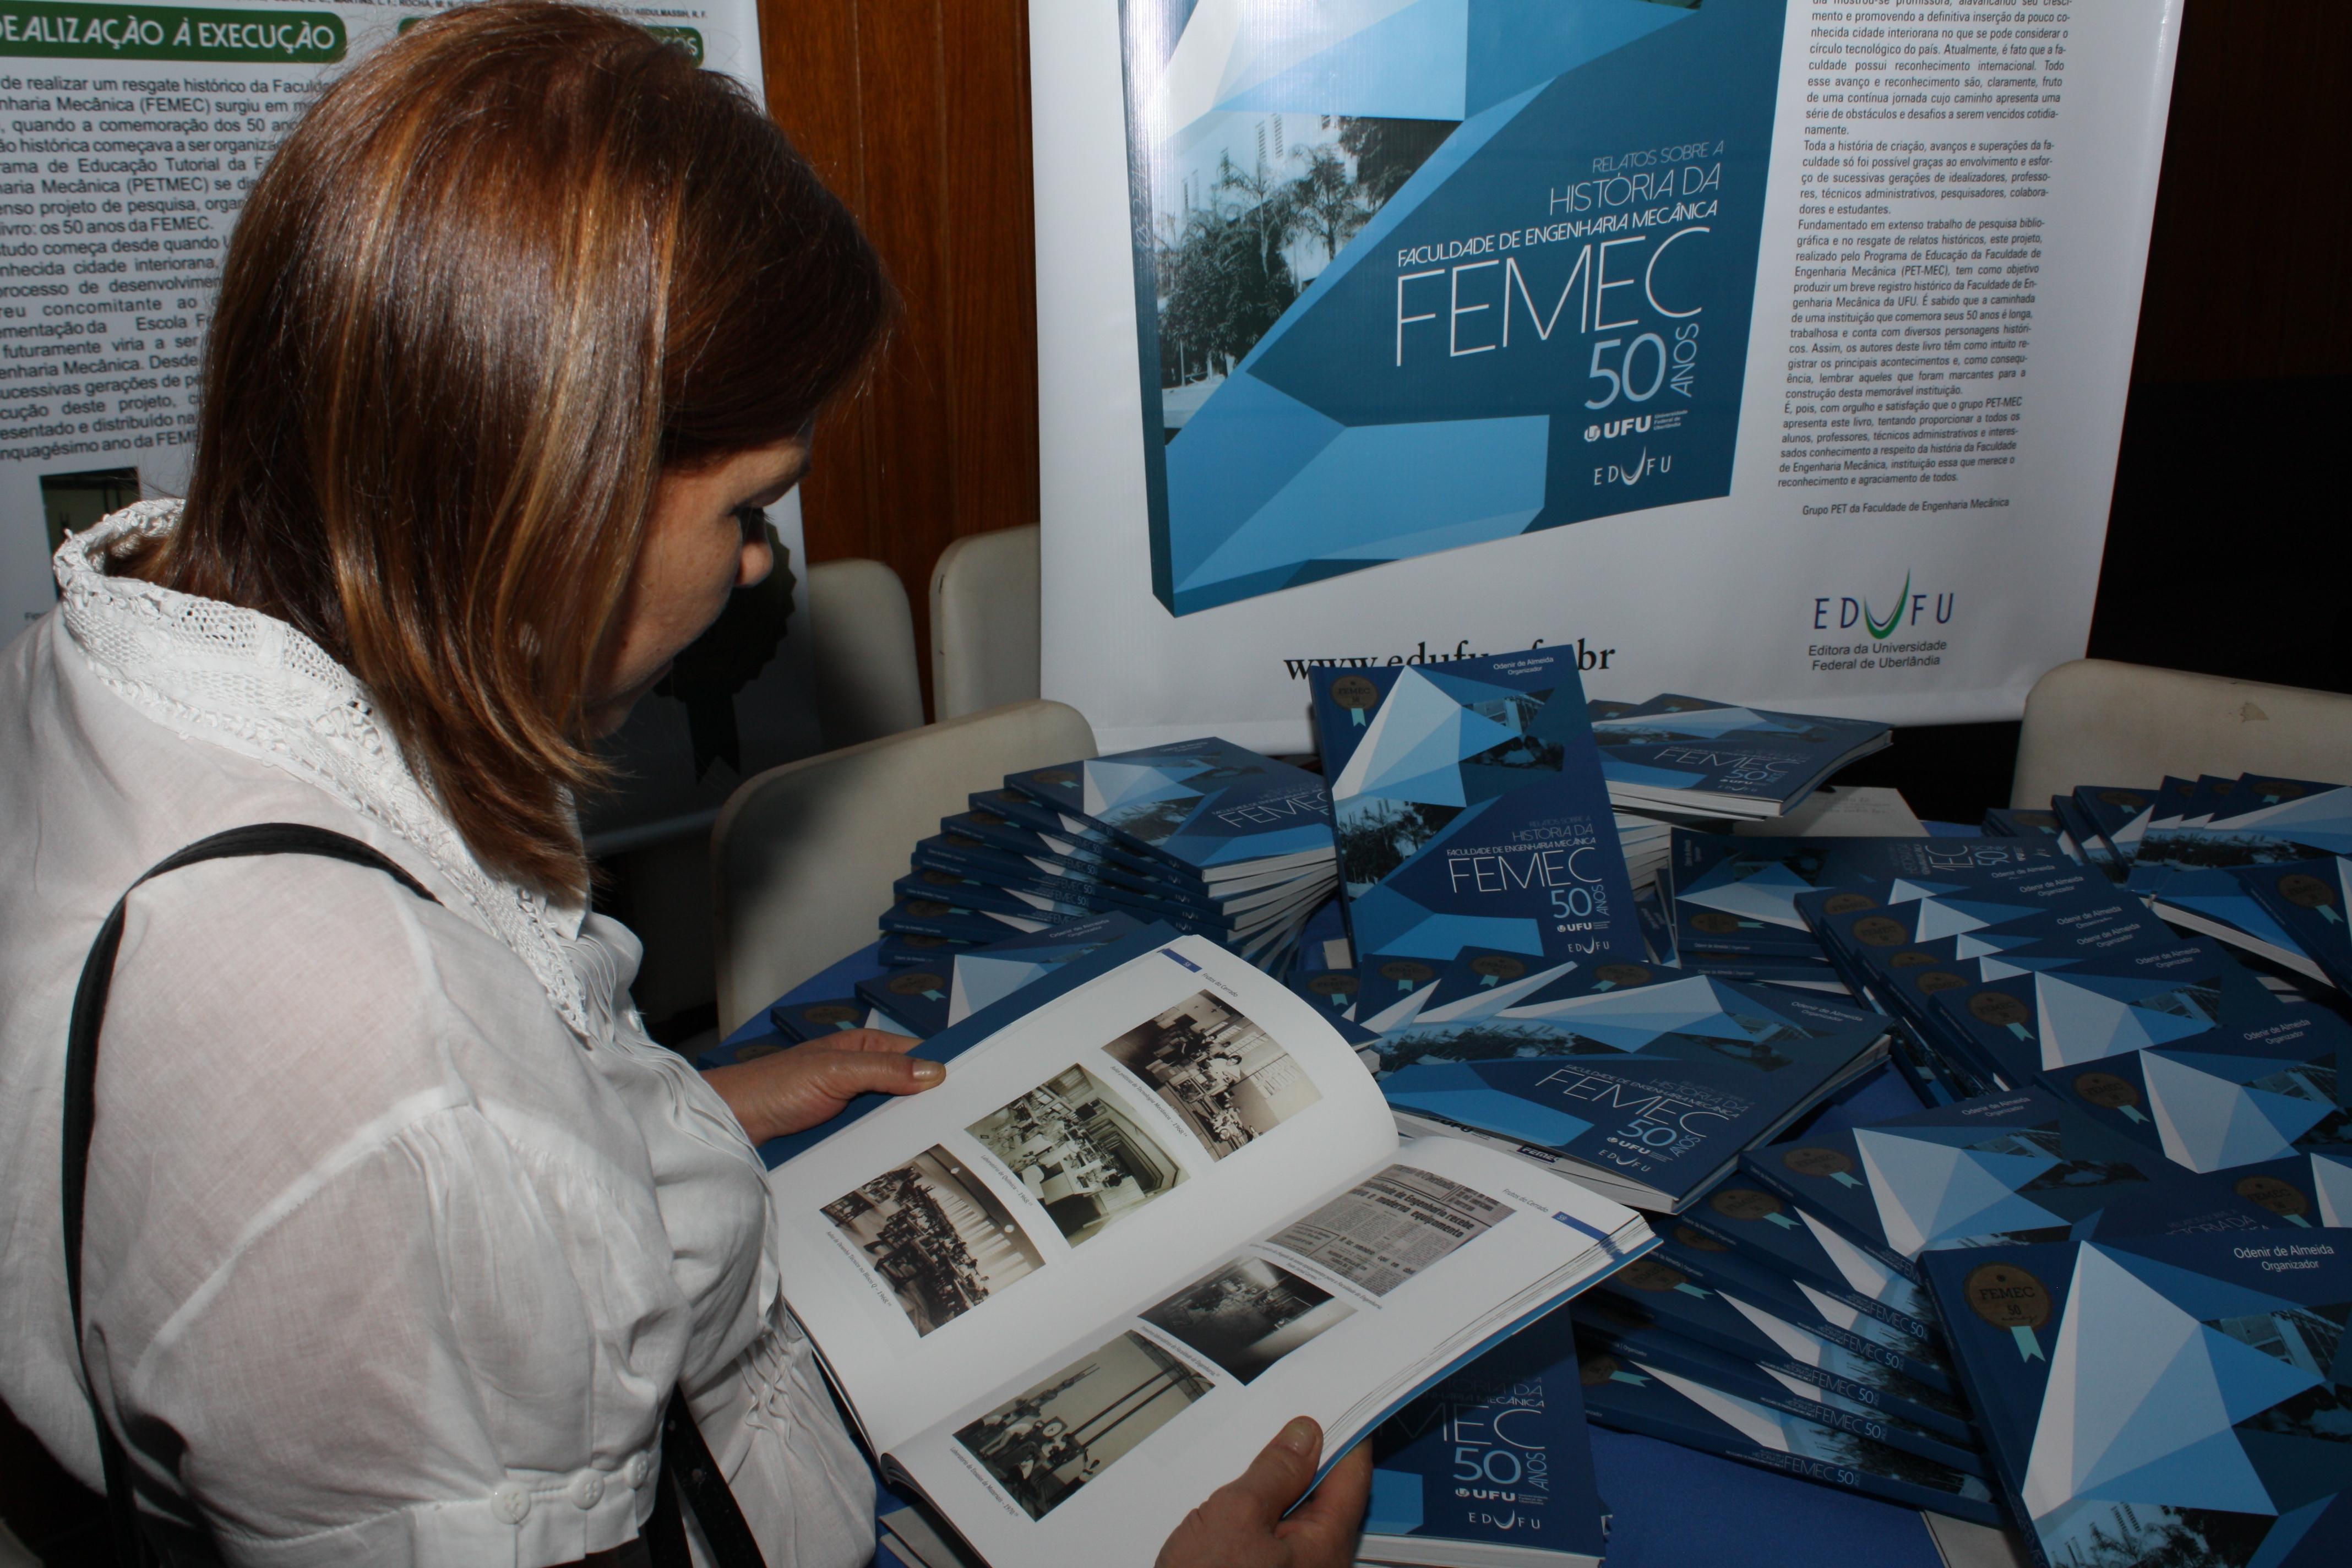 Lançamento do livro sobre os 50 anos da FEMEC (Foto: Gilberto Pereira)